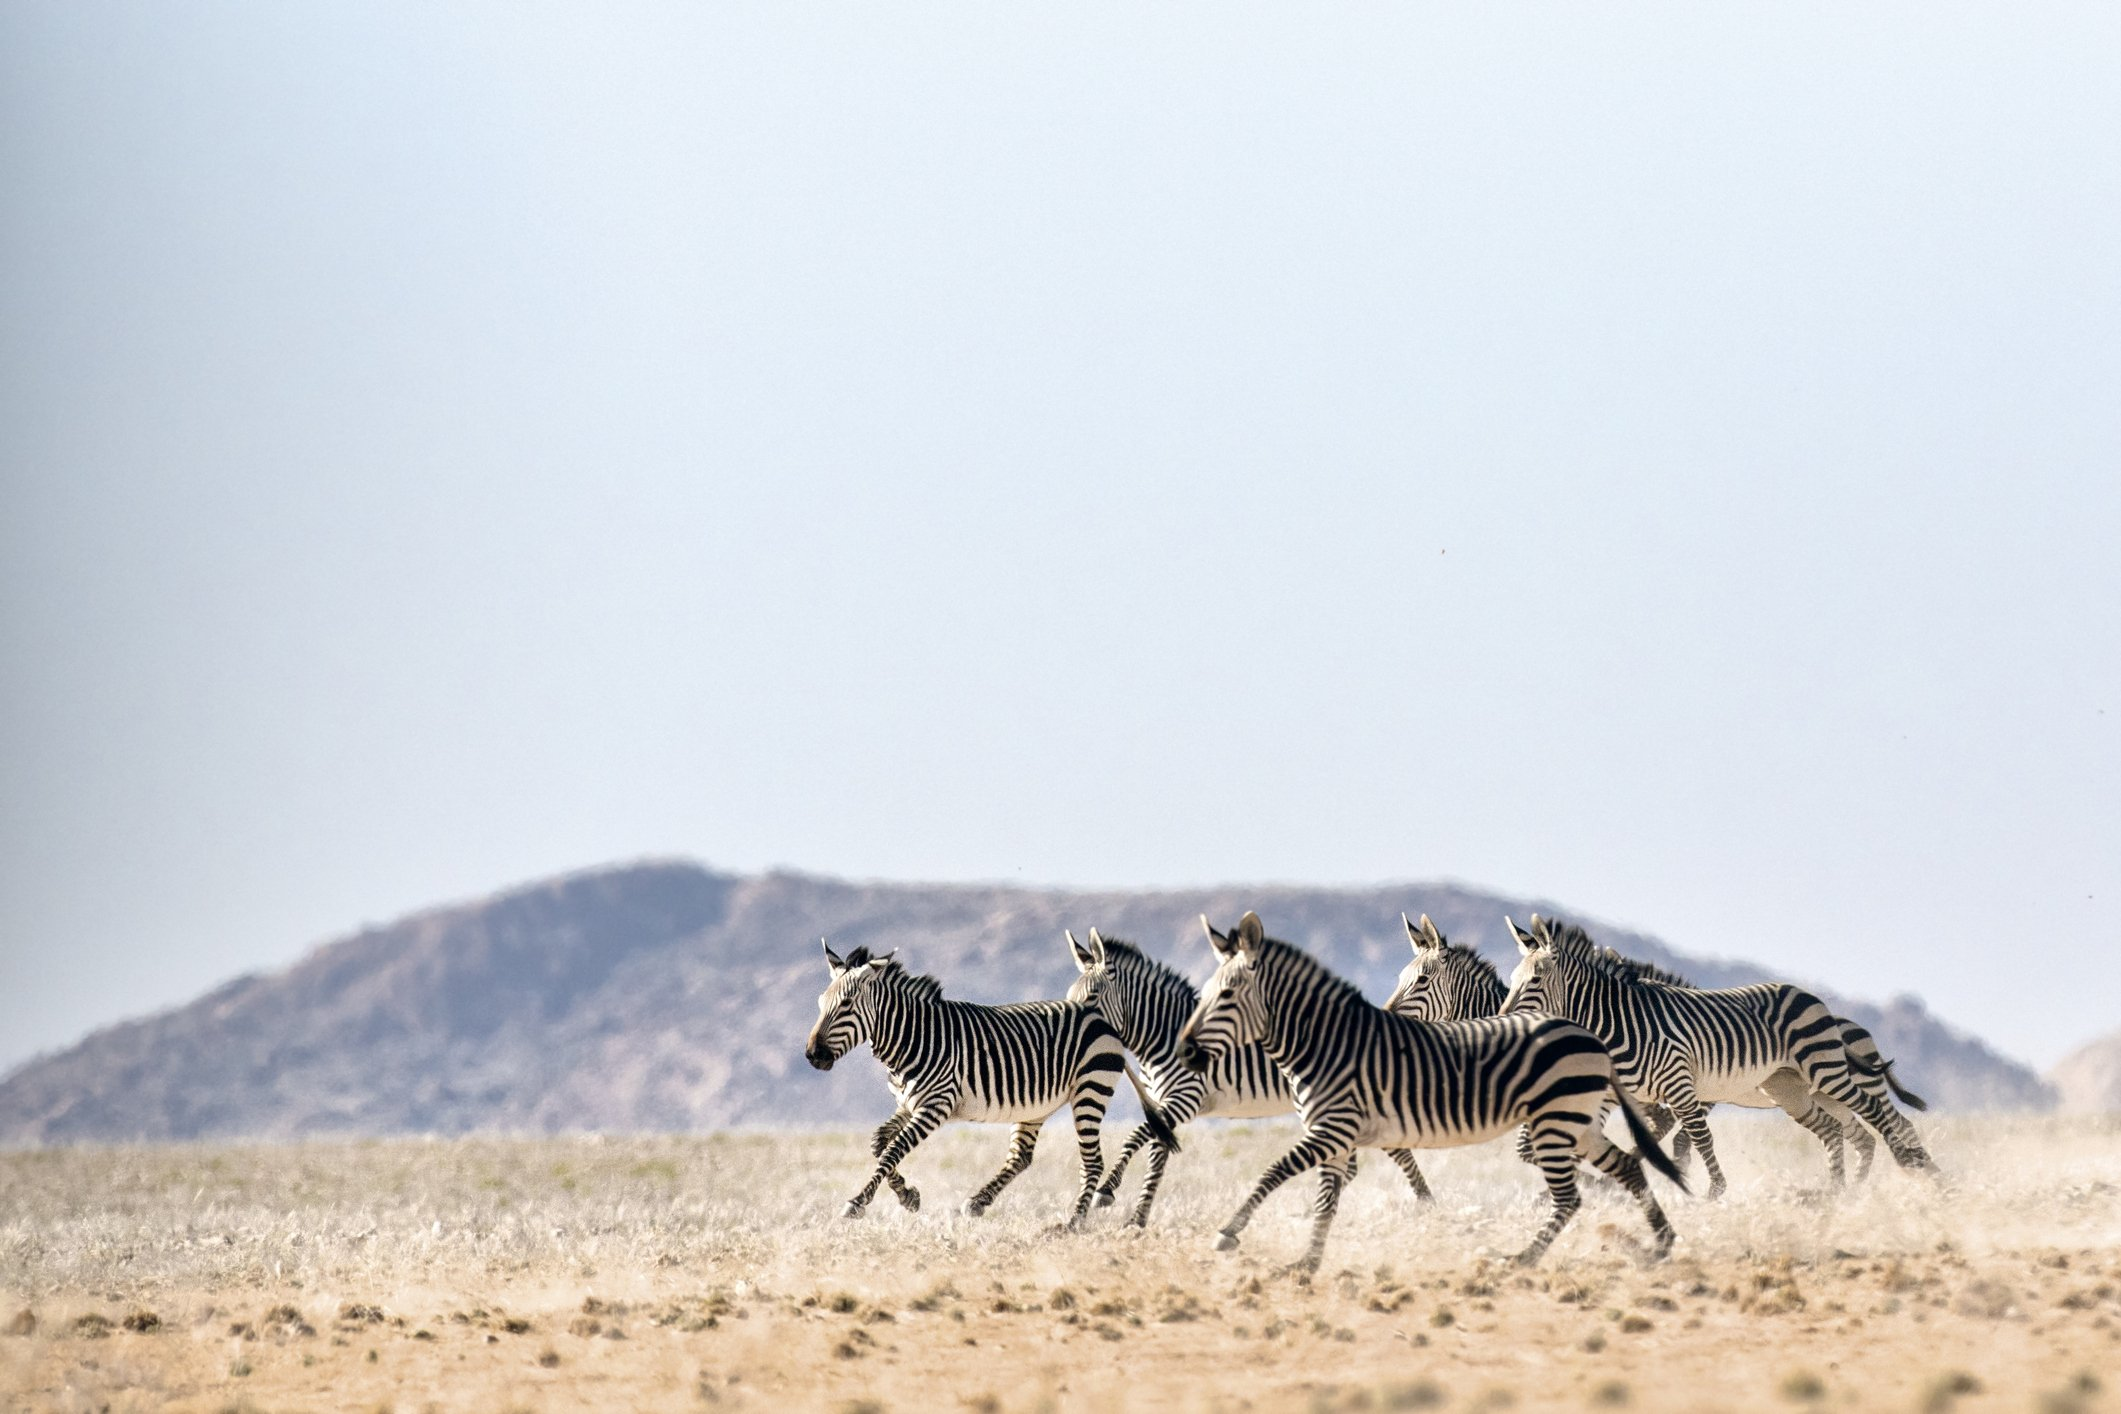 Haartmans Mountain Zebra